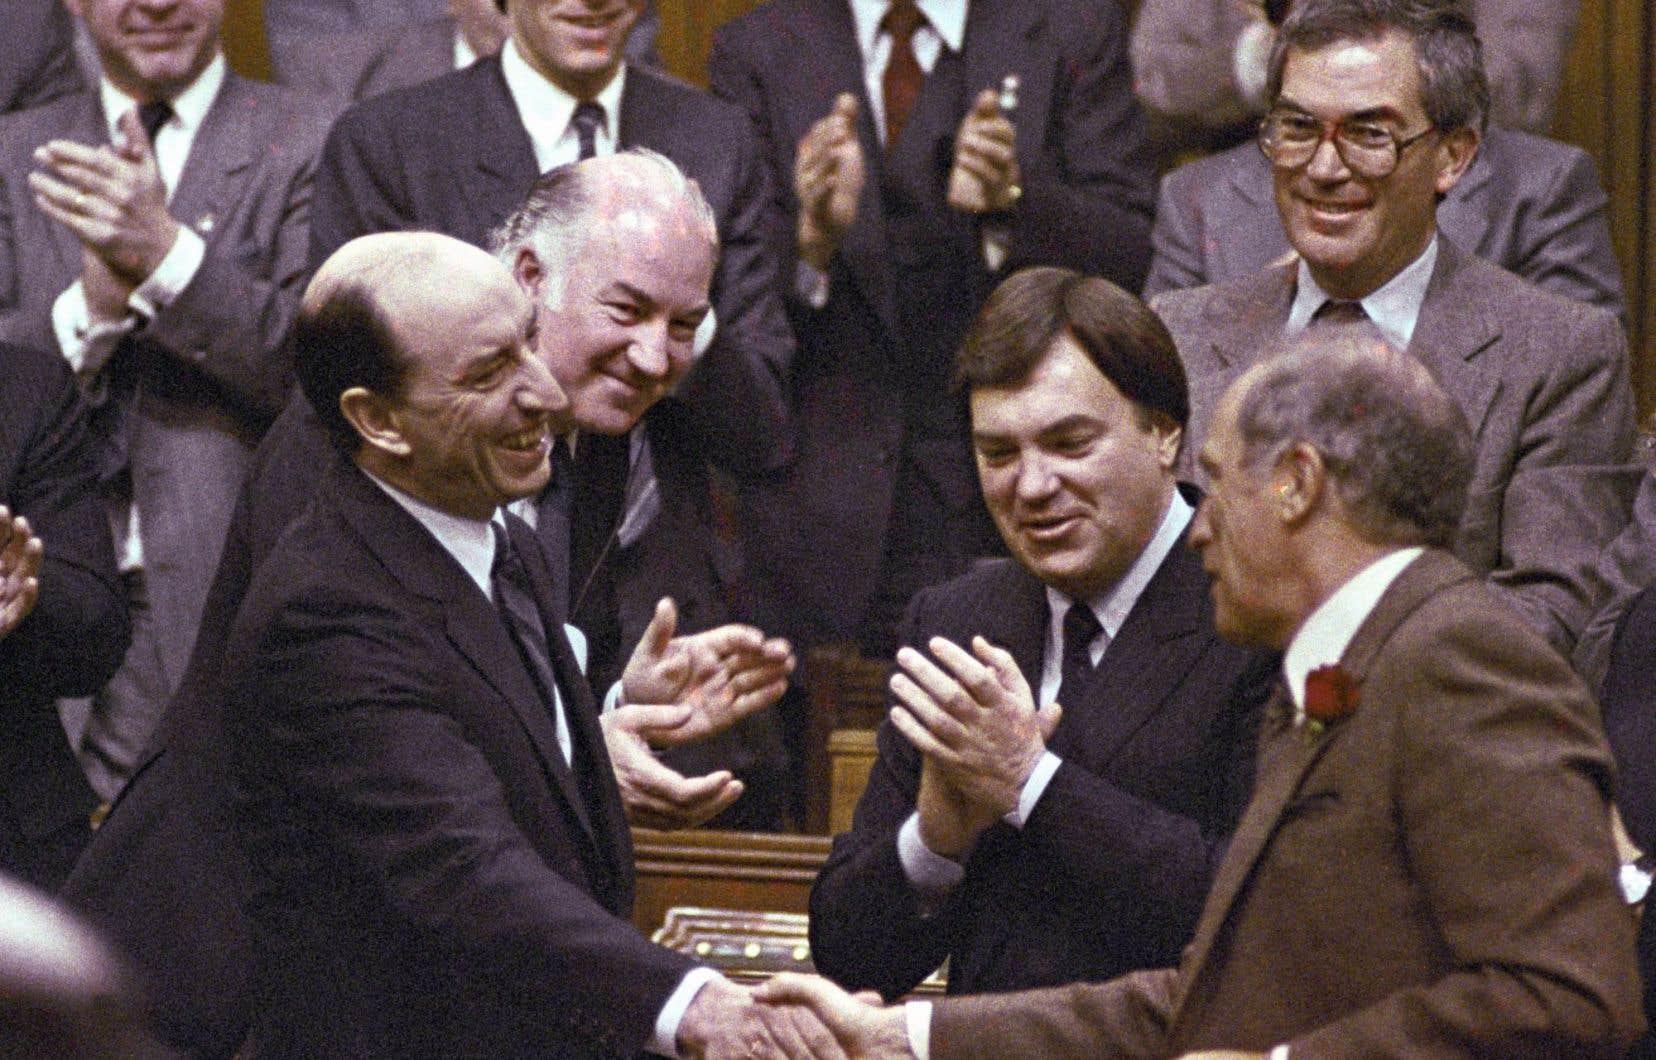 Le premier ministre Pierre Elliott Trudeau (à droite) félicitait son ministre des Finances, Marc Lalonde, pour le dépôt de son budget en 1983. L'année suivante, son gouvernement déposait le premier budget considéré comme moderne, le premier à être «conçu comme un outil de marketing politique».